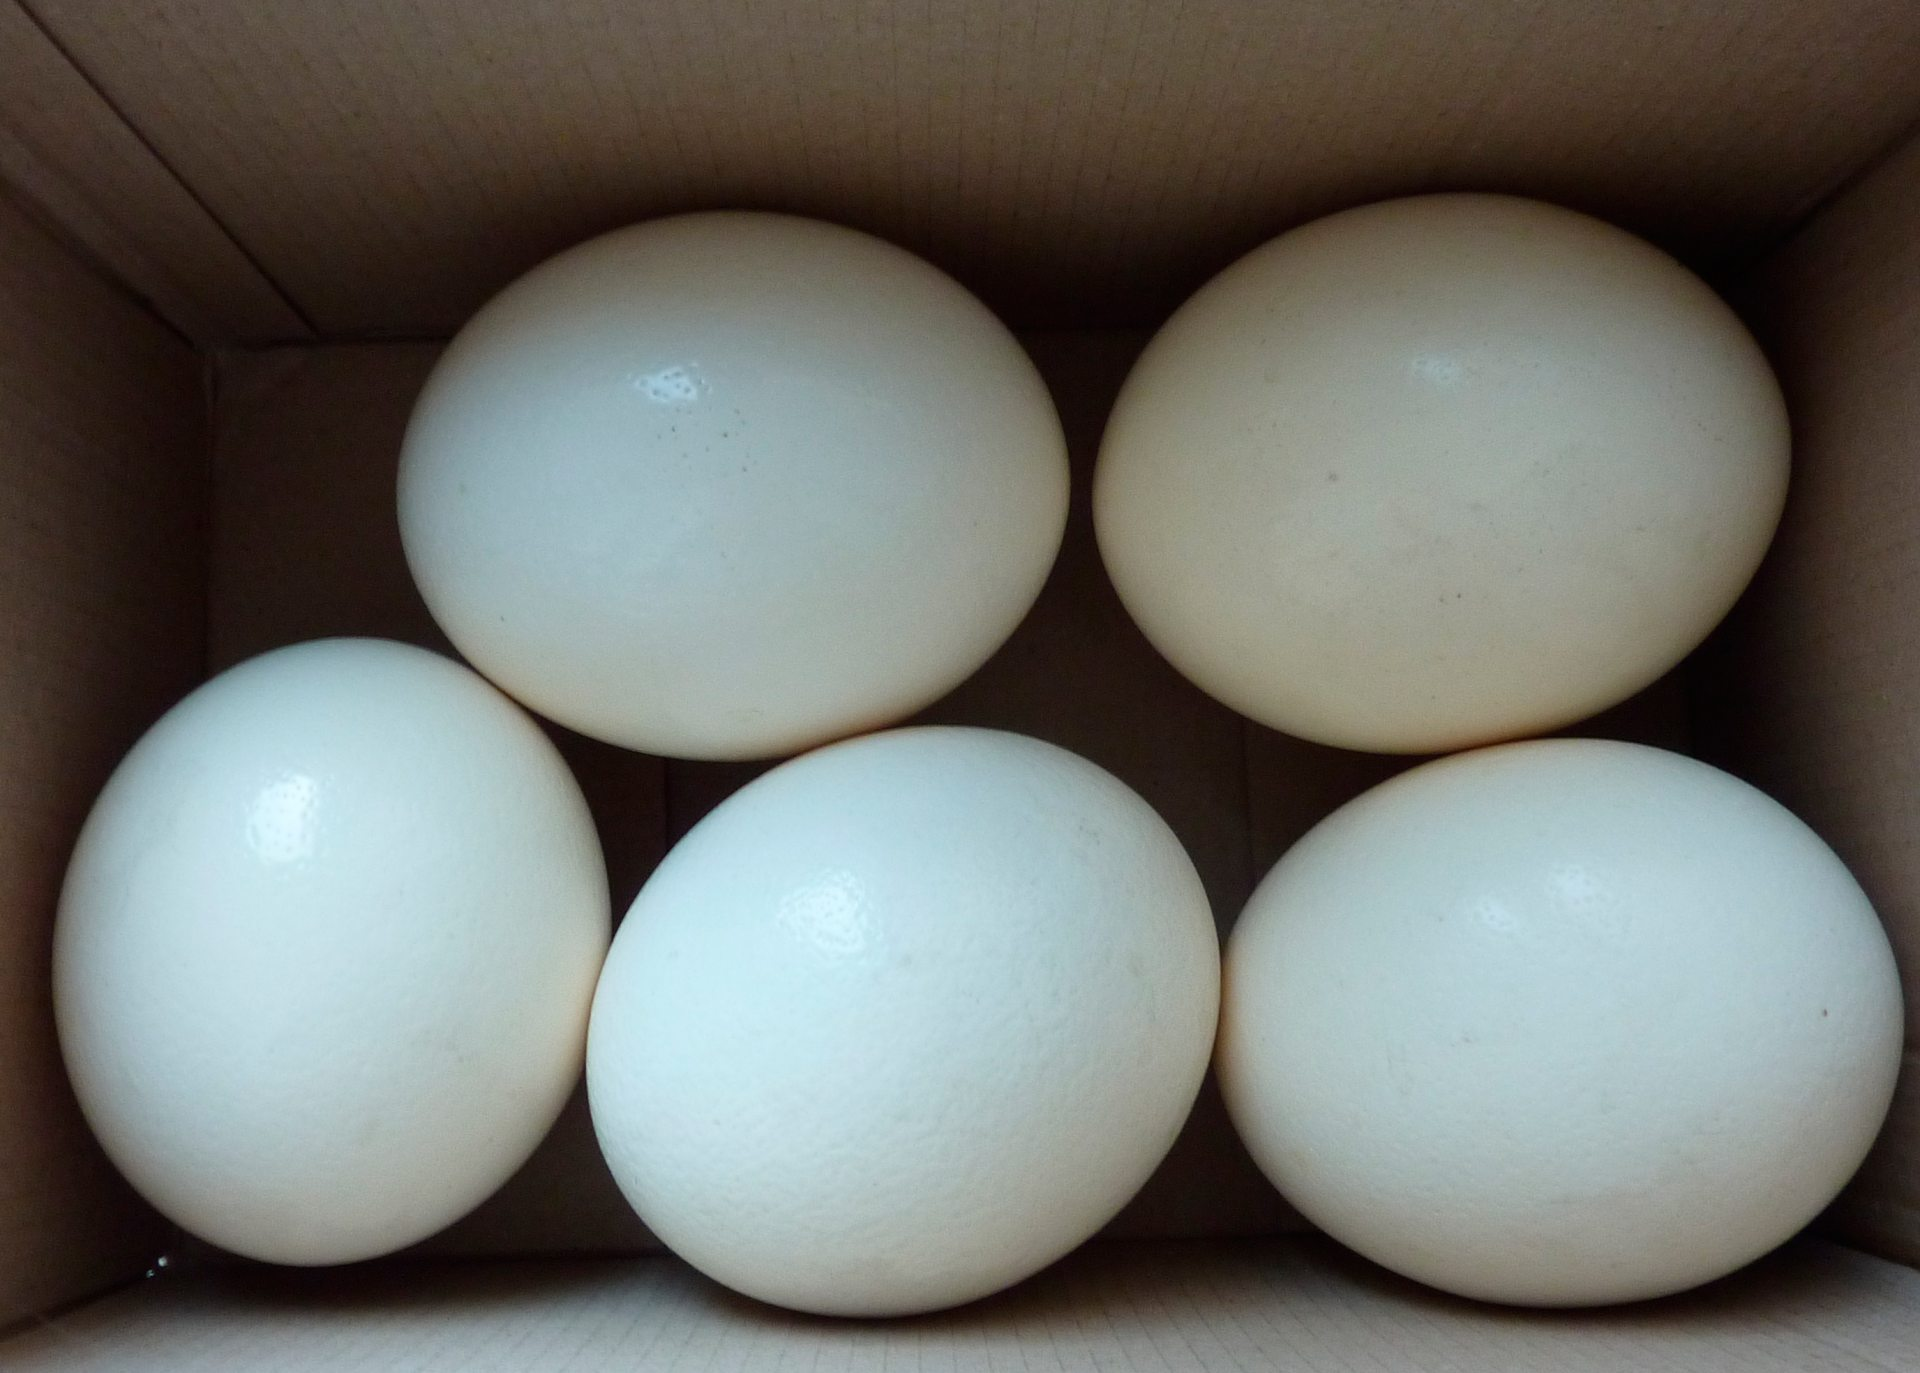 страусиные яйца, почта, доставка